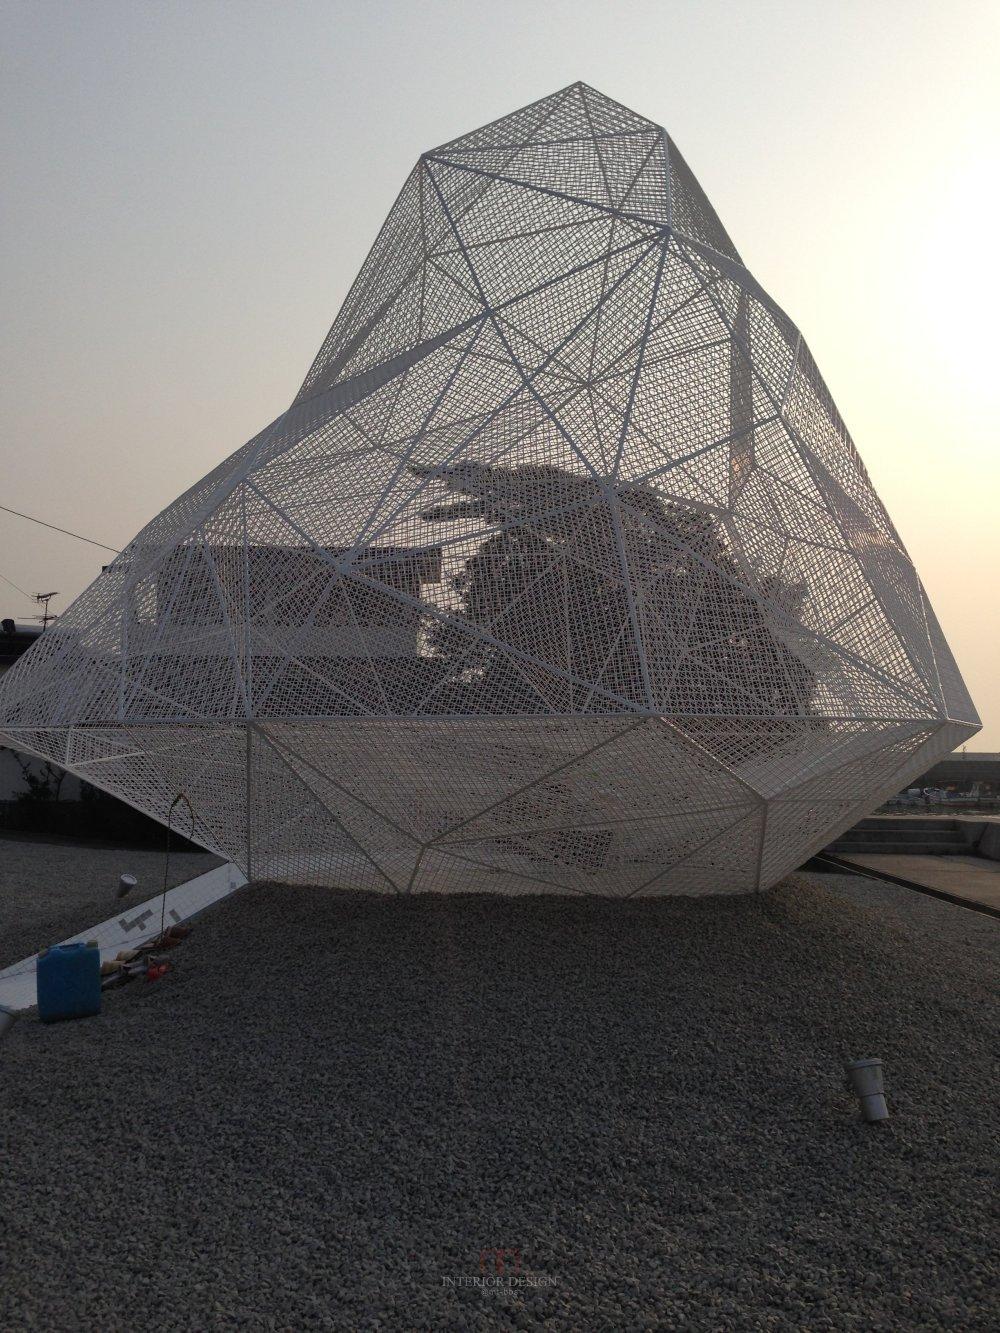 #伙伴一起看日本#  日本设计考察分享(更新美秀美术馆)_IMG_5619.JPG